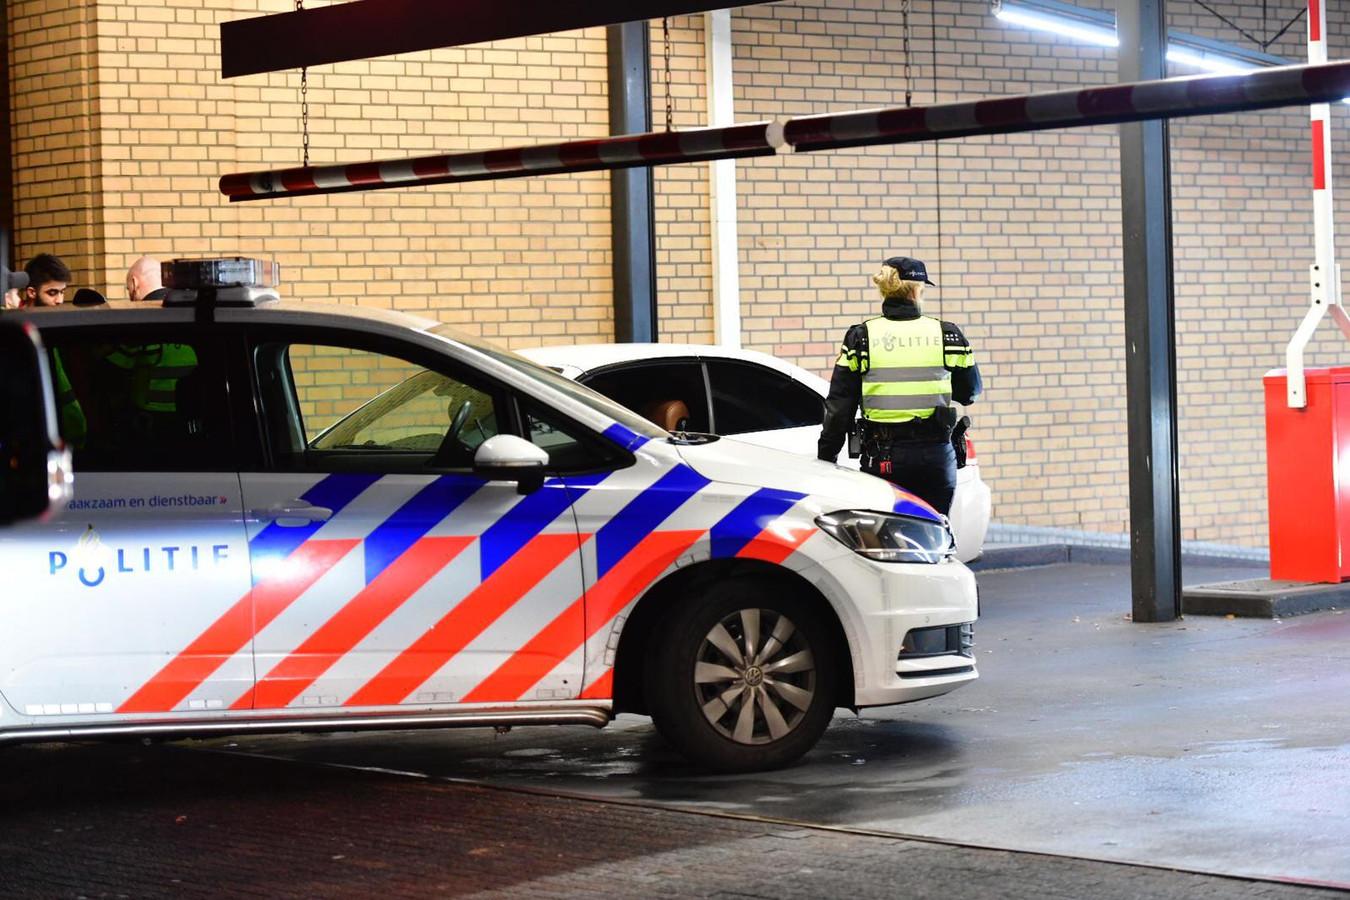 De eerste auto die op nieuwjaarsdag de parkeergarage bij de Heuvel uitkwam, bleek die van de verdachten van een bloedige vechtpartij.